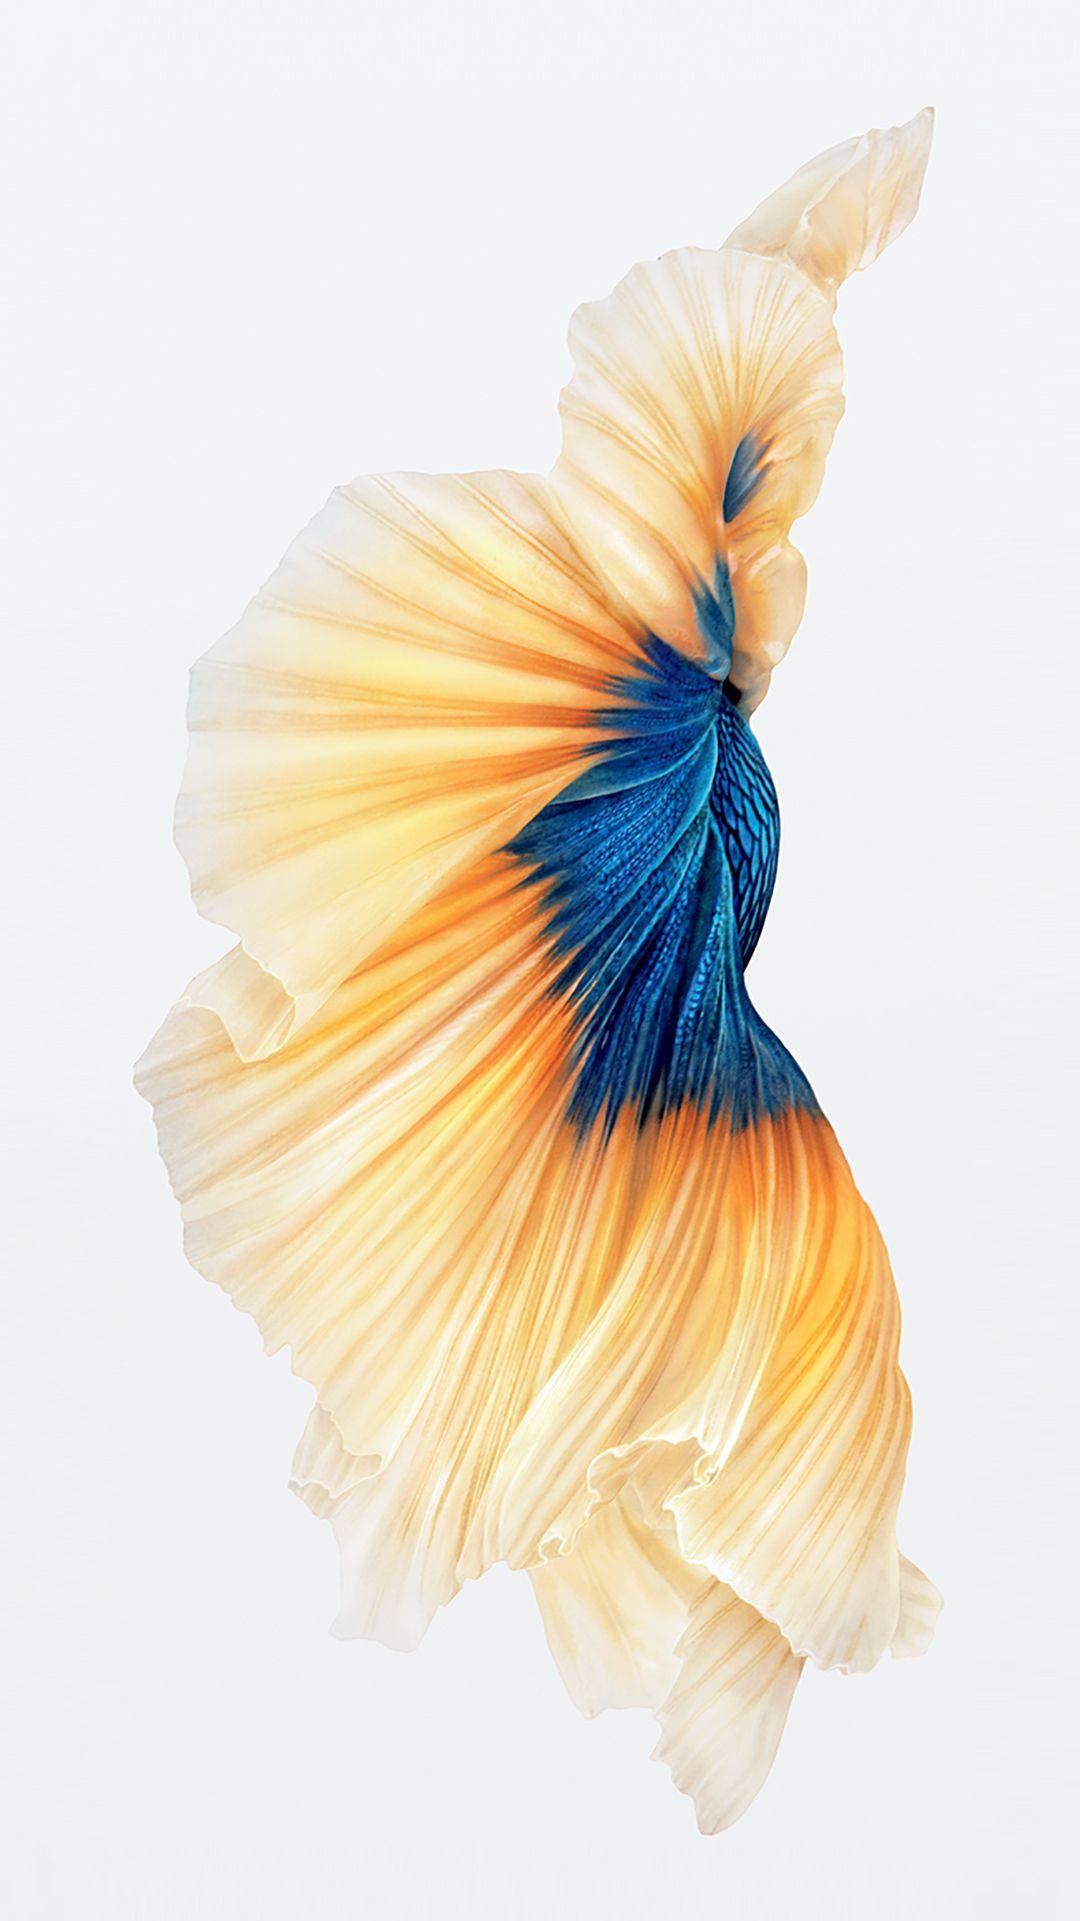 Iphone 6s los pescados del oro del papel pintado awesome for Iphone fish finder